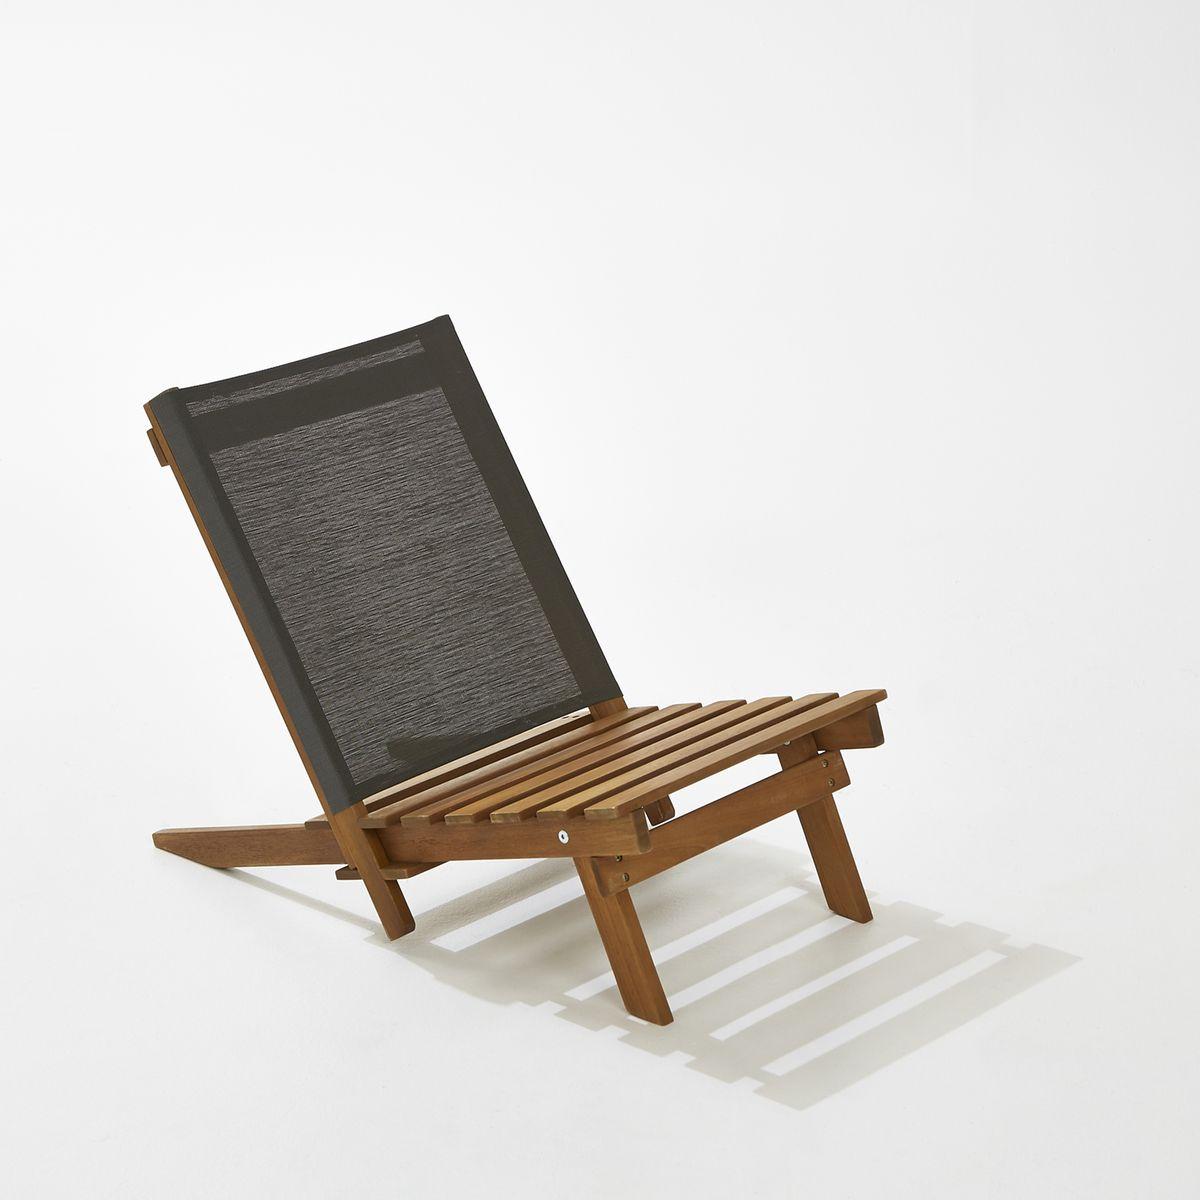 Chaise Basse De Plage, Oparon - Taille : Taille Unique ... concernant Chaise Basse Jardin